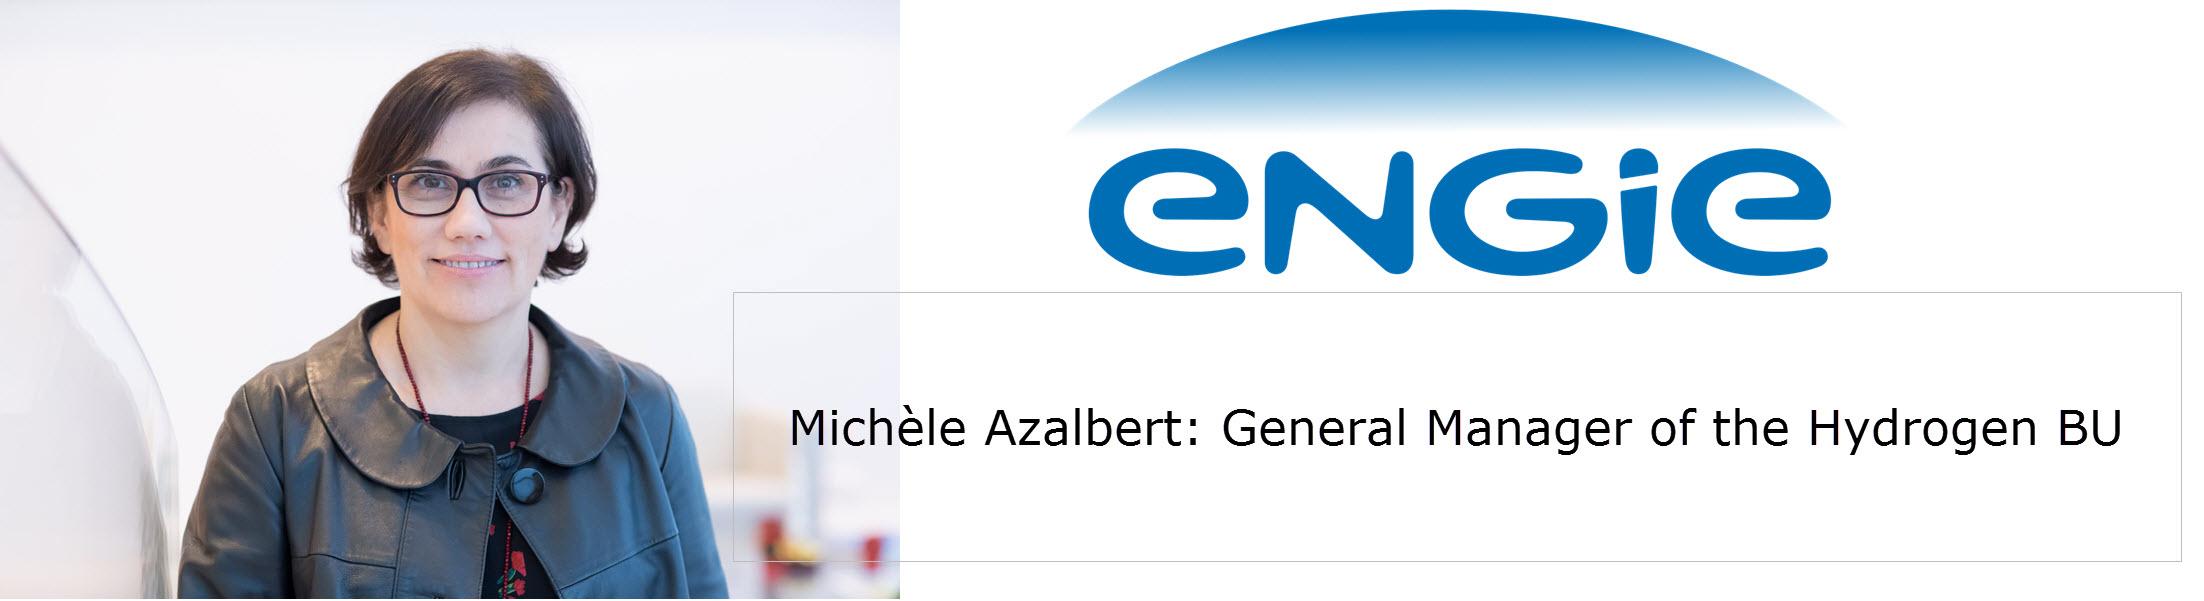 Engie Michele Azalbert